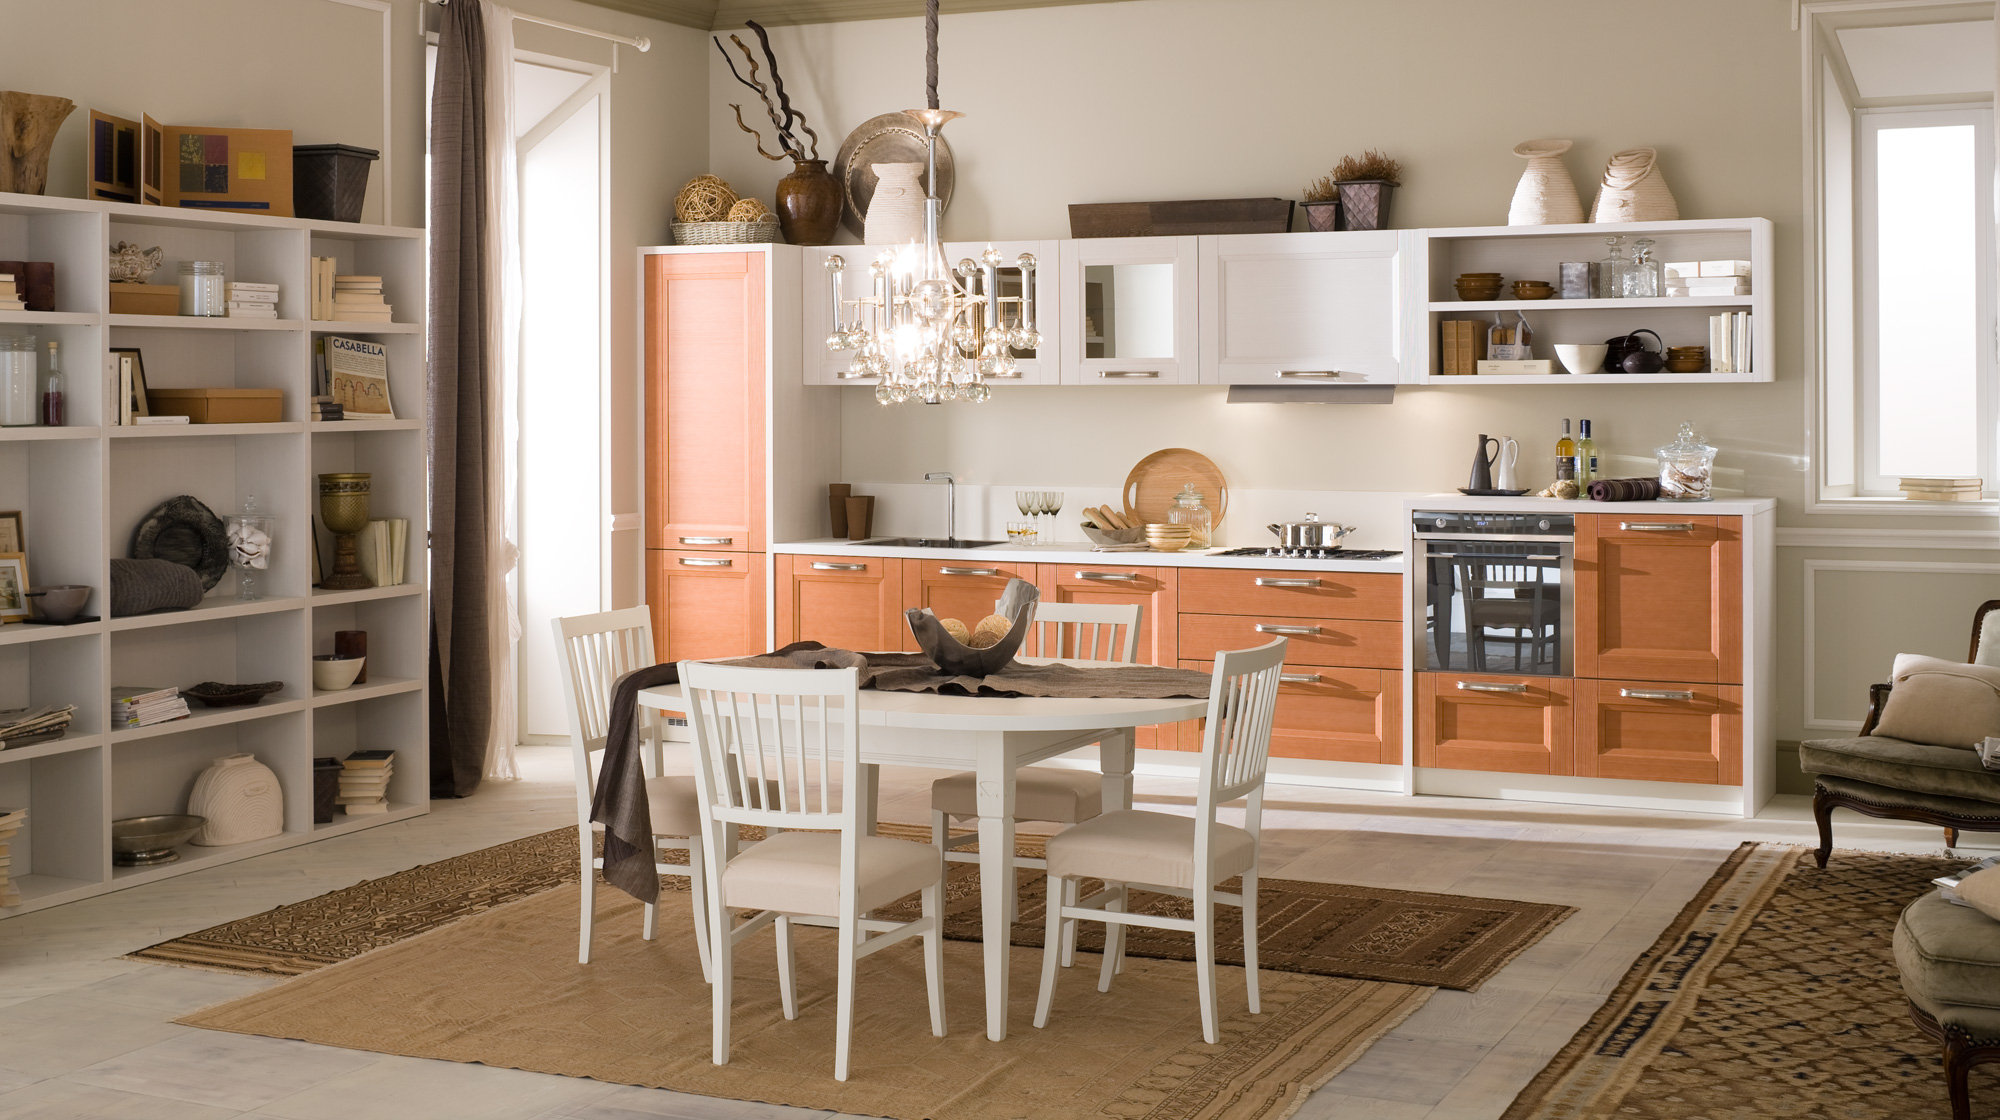 Бело-оранжевая кухня в стиле винтаж с коричневыми коврами и шторами